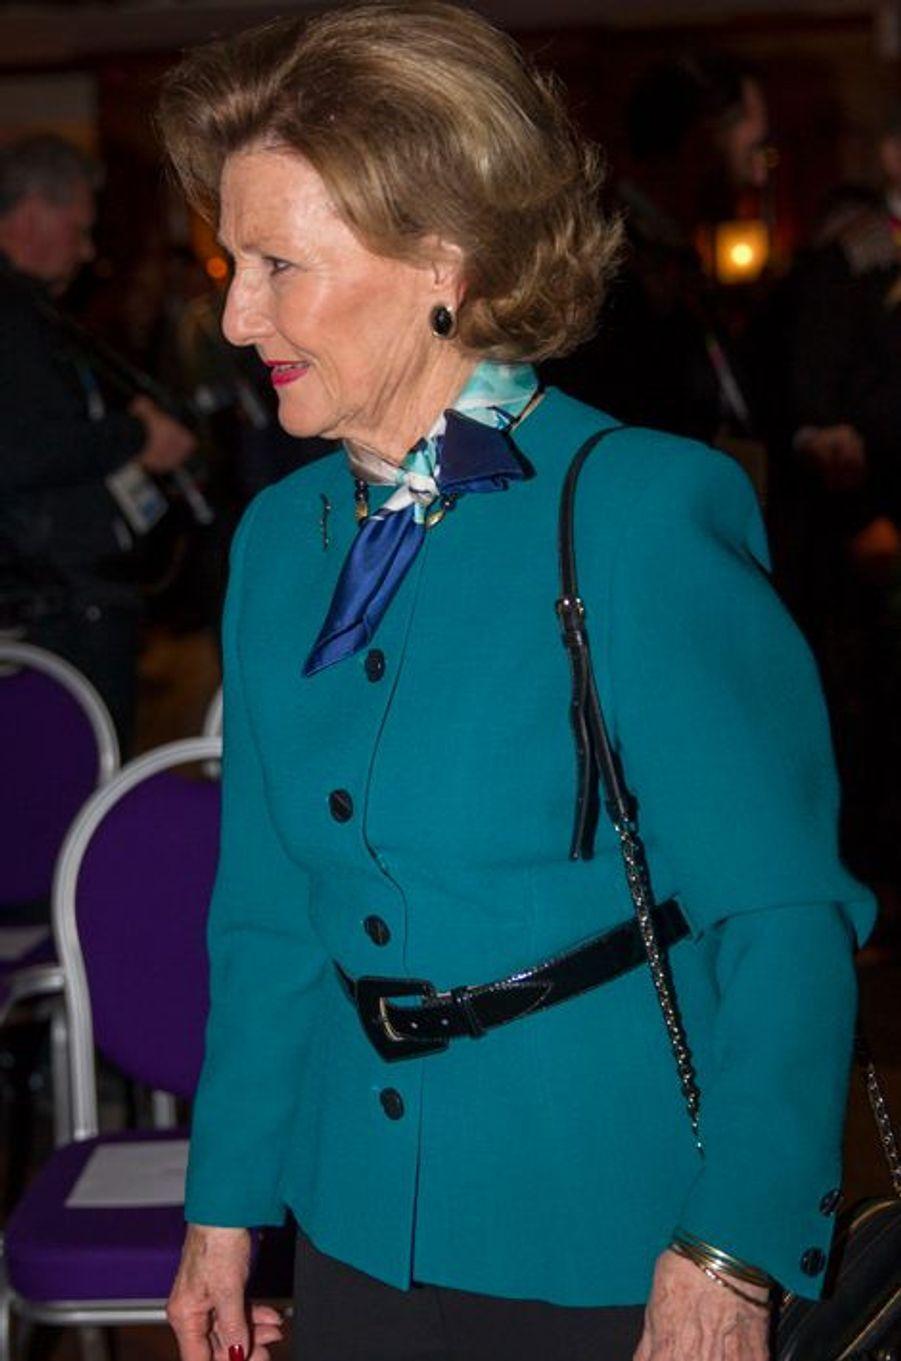 La reine Sonja de Norvège aux JOJ à Lillehammer, le 12 février 2016